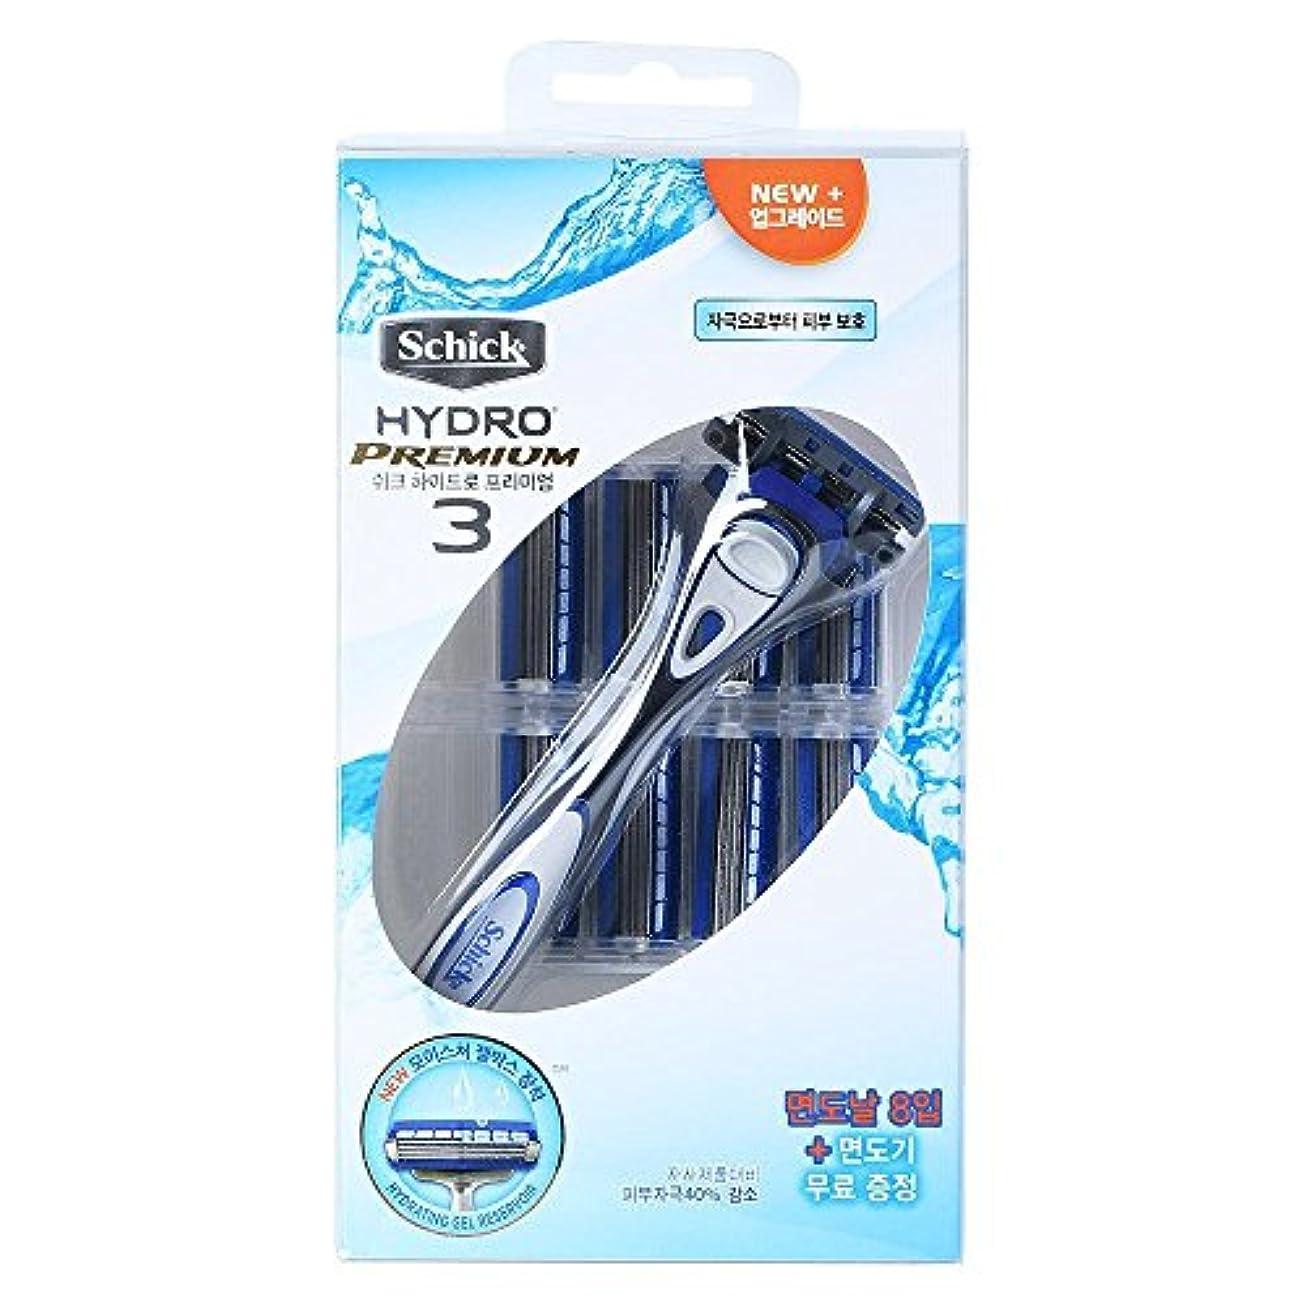 あなたのもの一般的に言えばミンチSchick HYDRO 3 Premium Shaving 1つの剃刀と9つのカートリッジリフィル [並行輸入品]